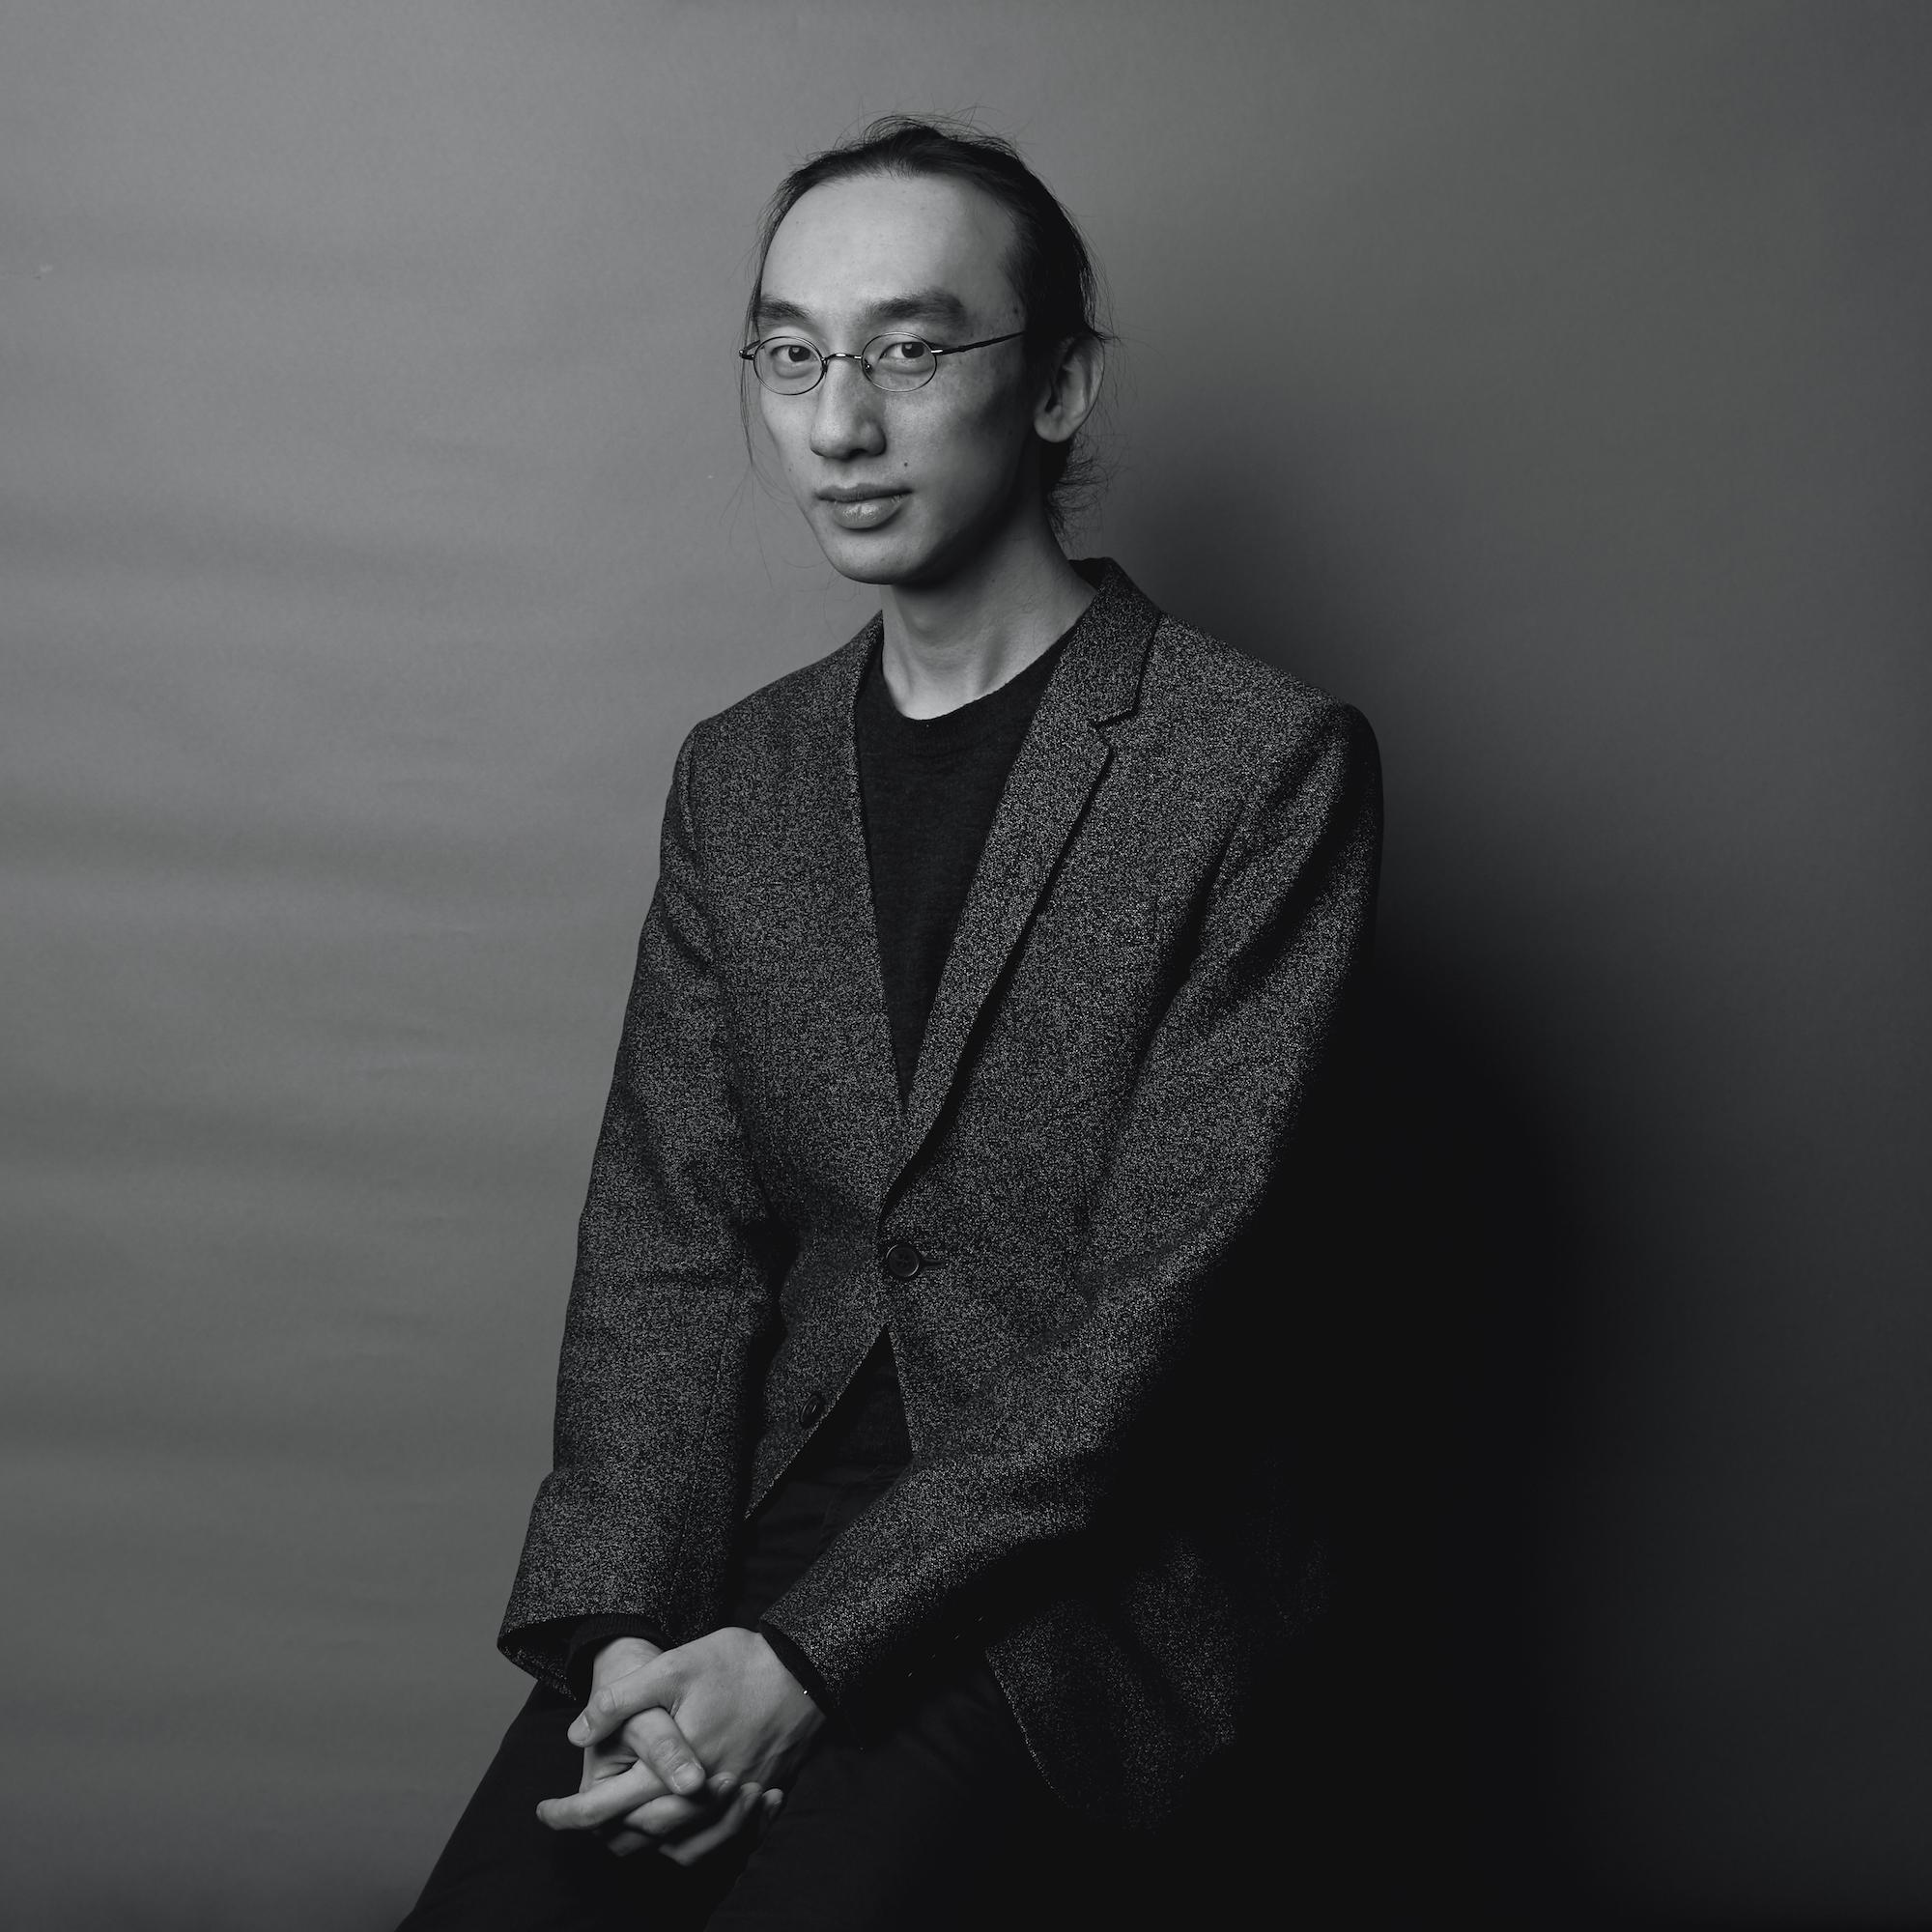 Xiao Xiao - Producer